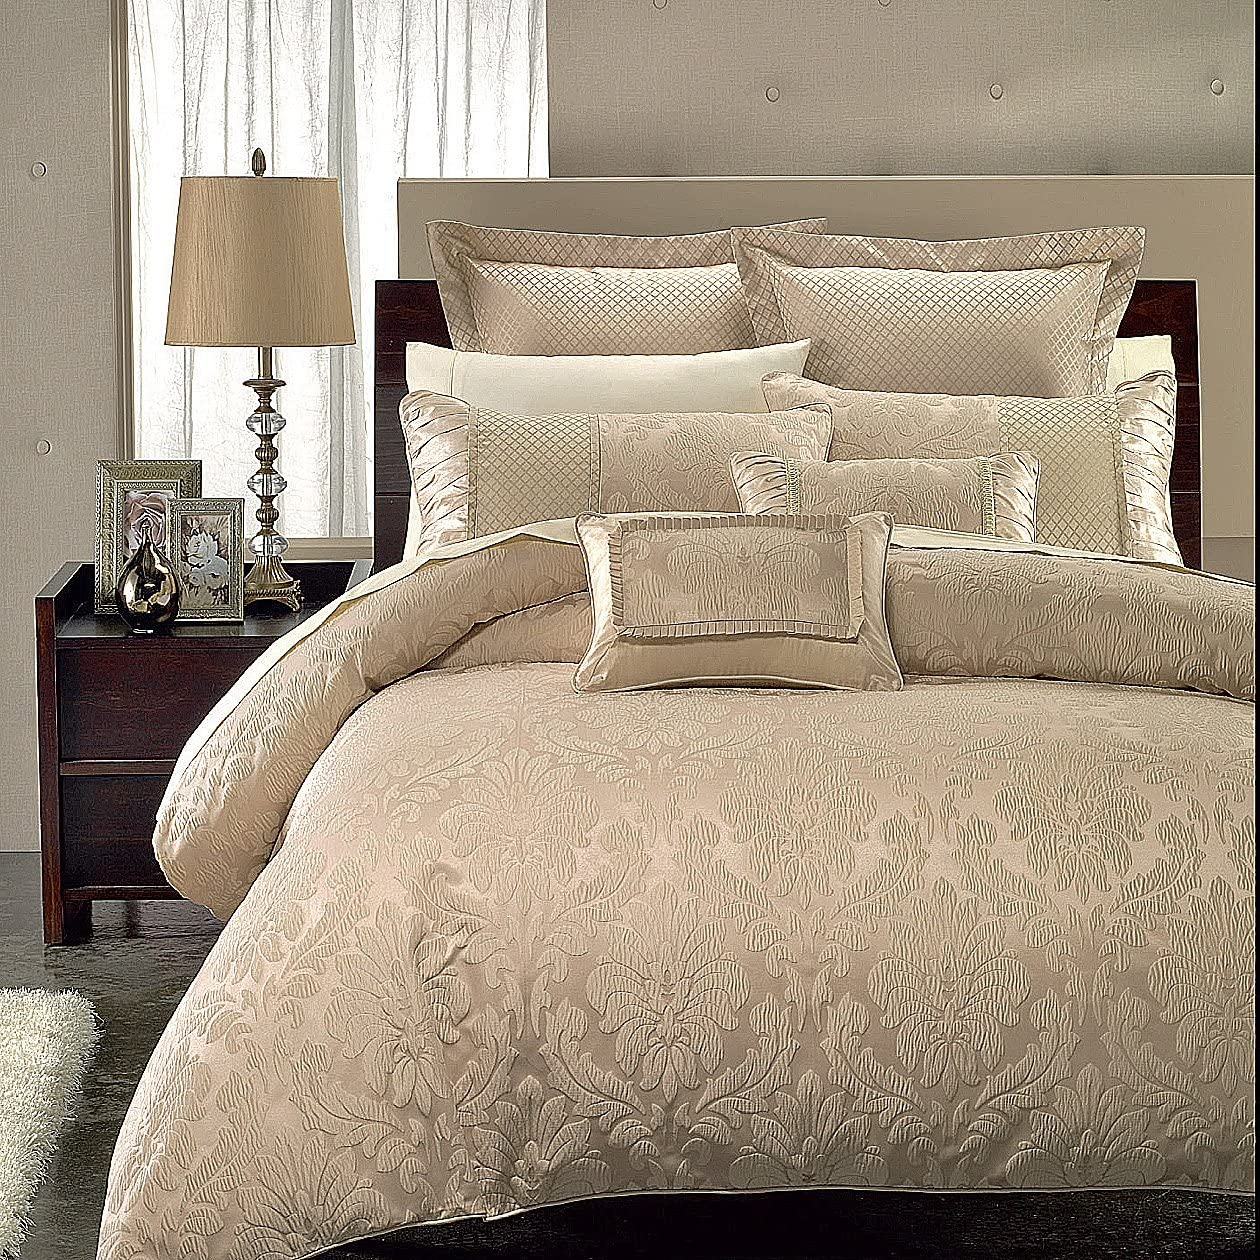 Royal Sara Duvet Cover Rich Elegant and Contemporary Bedding Jacquard Design Set